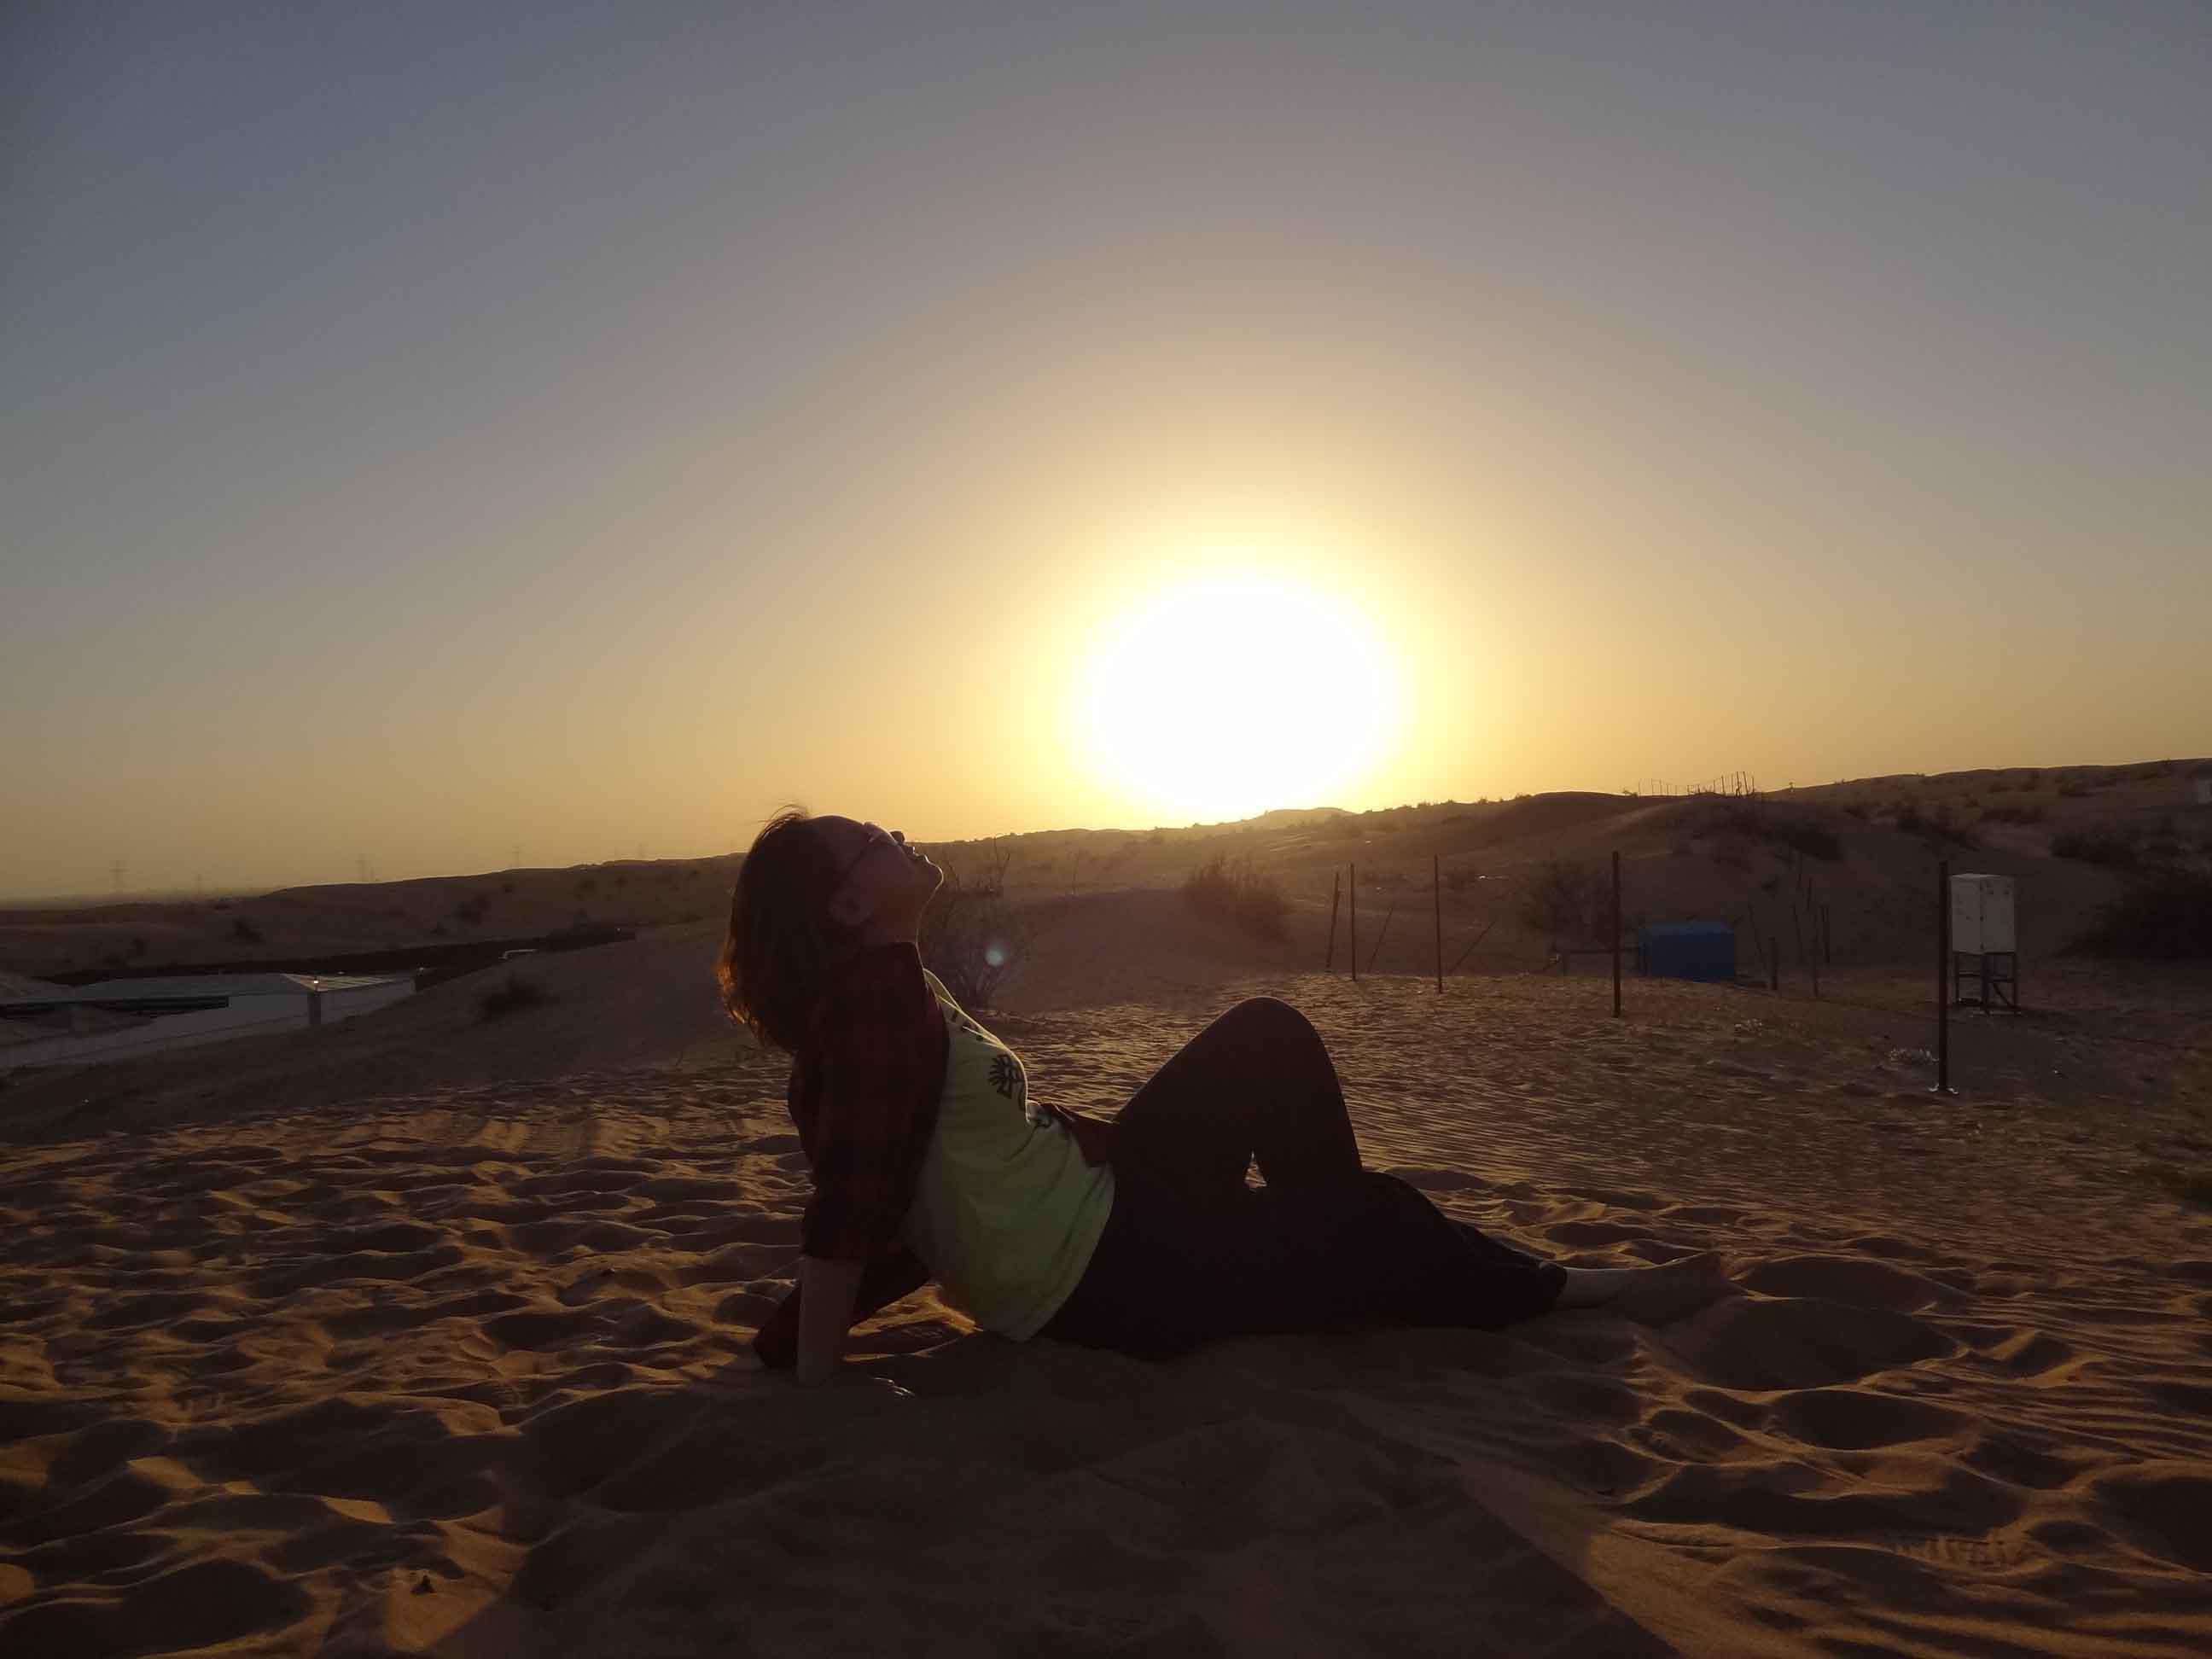 一个人,一双拖鞋,一根自拍杆,迪拜闪游2日